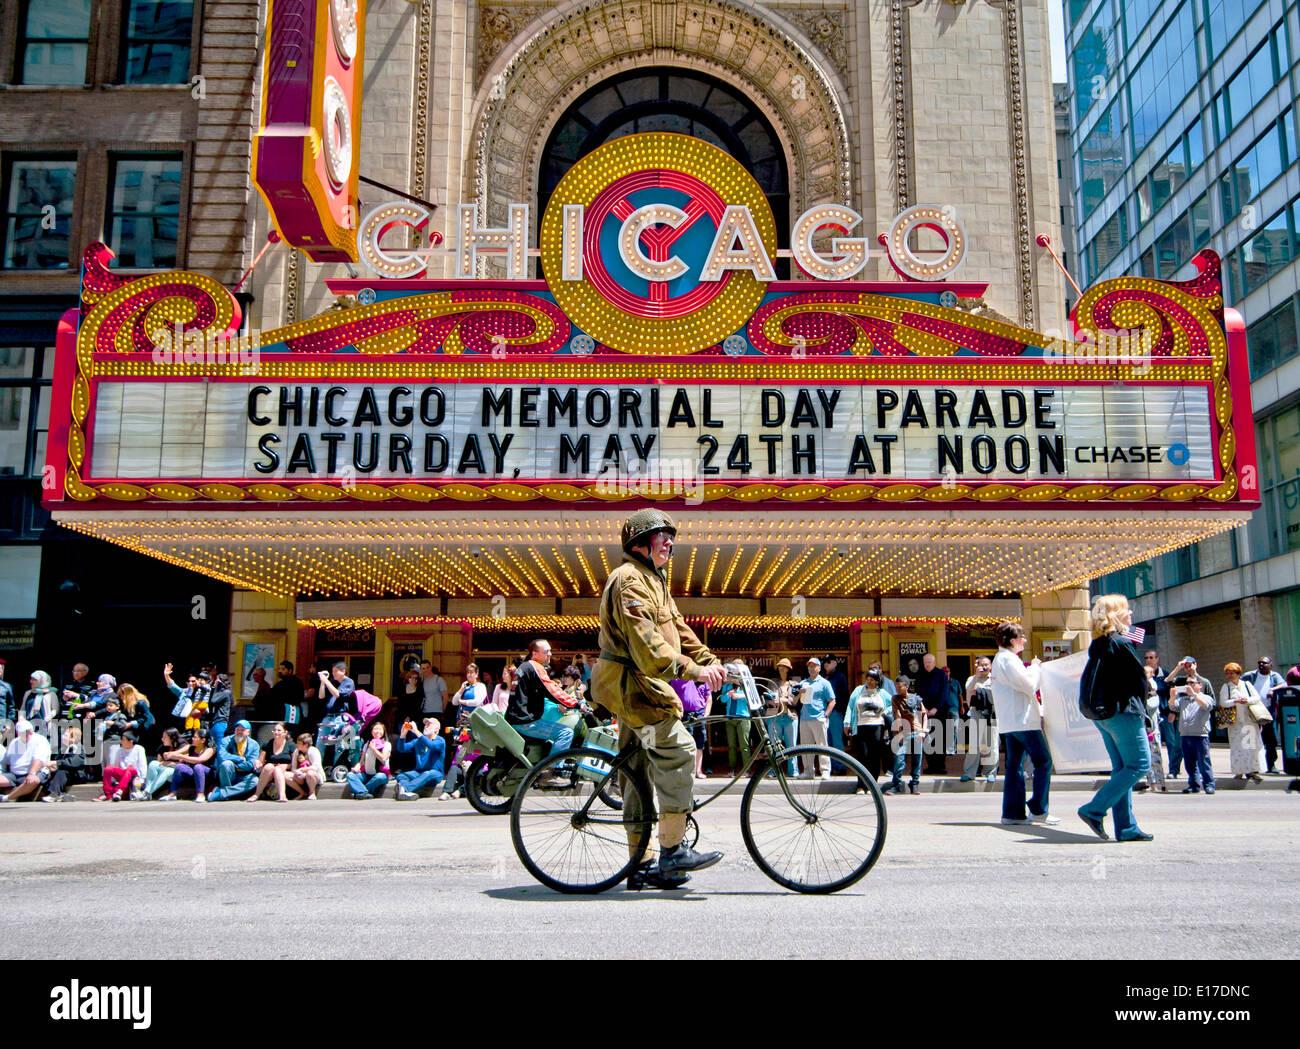 Un ancien combattant de la DEUXIÈME GUERRE MONDIALE en uniforme une bicyclette passé le théâtre de Chicago pendant un jour commémoratif défilé dans State Street 24 mai 2014 à Chicago, Illinois. Photo Stock